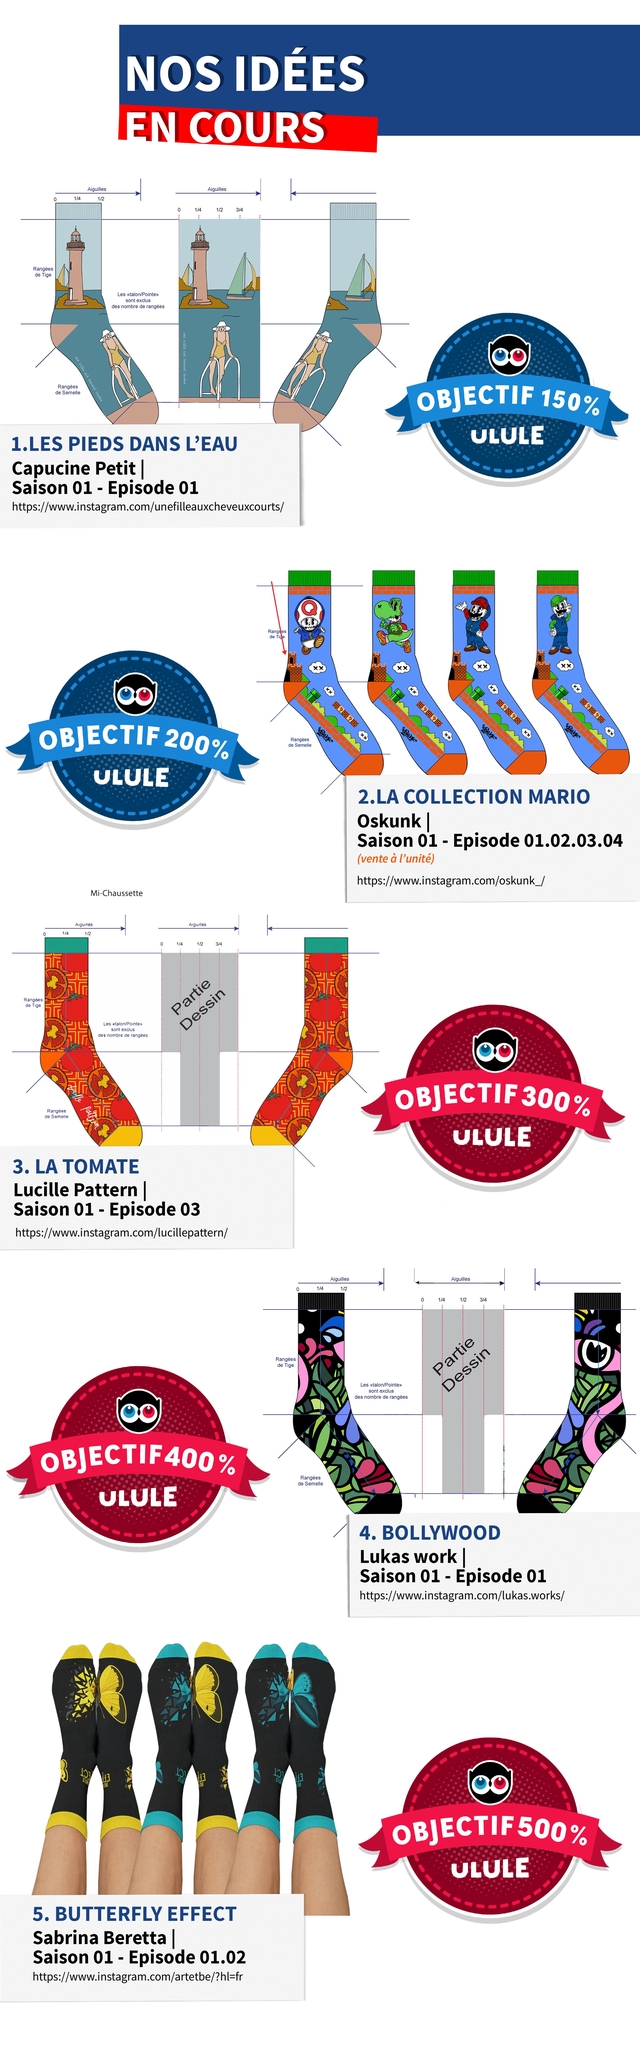 NOS IDEES EN COURS OBJECTIF 150% 1.LES PIEDS DANS L'EAU ULULE Capucine Petit Saison 01 - Episode 01 tps://www.instagram.com/unefilleauxcheveuxcourts OBJECTIF 200% ULULE 2.LA COLLECTION MARIO Oskunk Saison 01 - Episode 01.02.03.04 (vente d I'unite) https://www.instagram.com/oskunk_ Mi-Chaussette OBJECTIF 300 % ULULE 3. LA TOMATE Lucille Pattern I Saison 01 Episode 03 https://www.instagram.com com/lucillepattern/ OBJECTIF 400% ULULE 4. BOLLYWOOD Lukas work Saison 01 - Episode 01 https://www.instagram.com/lukas.works/ OBJECTIF50O% ULULE 5. BUTTERFLY EFFECT Sabrina Beretta Saison 01 - Episode 01.02 https: s://www.instagram.com/artetbe/?hl=fr